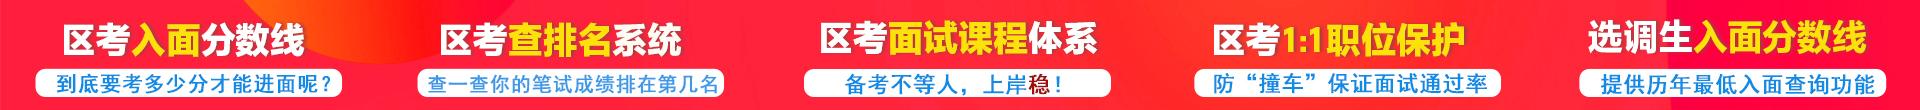 2019广西公务员面试课程